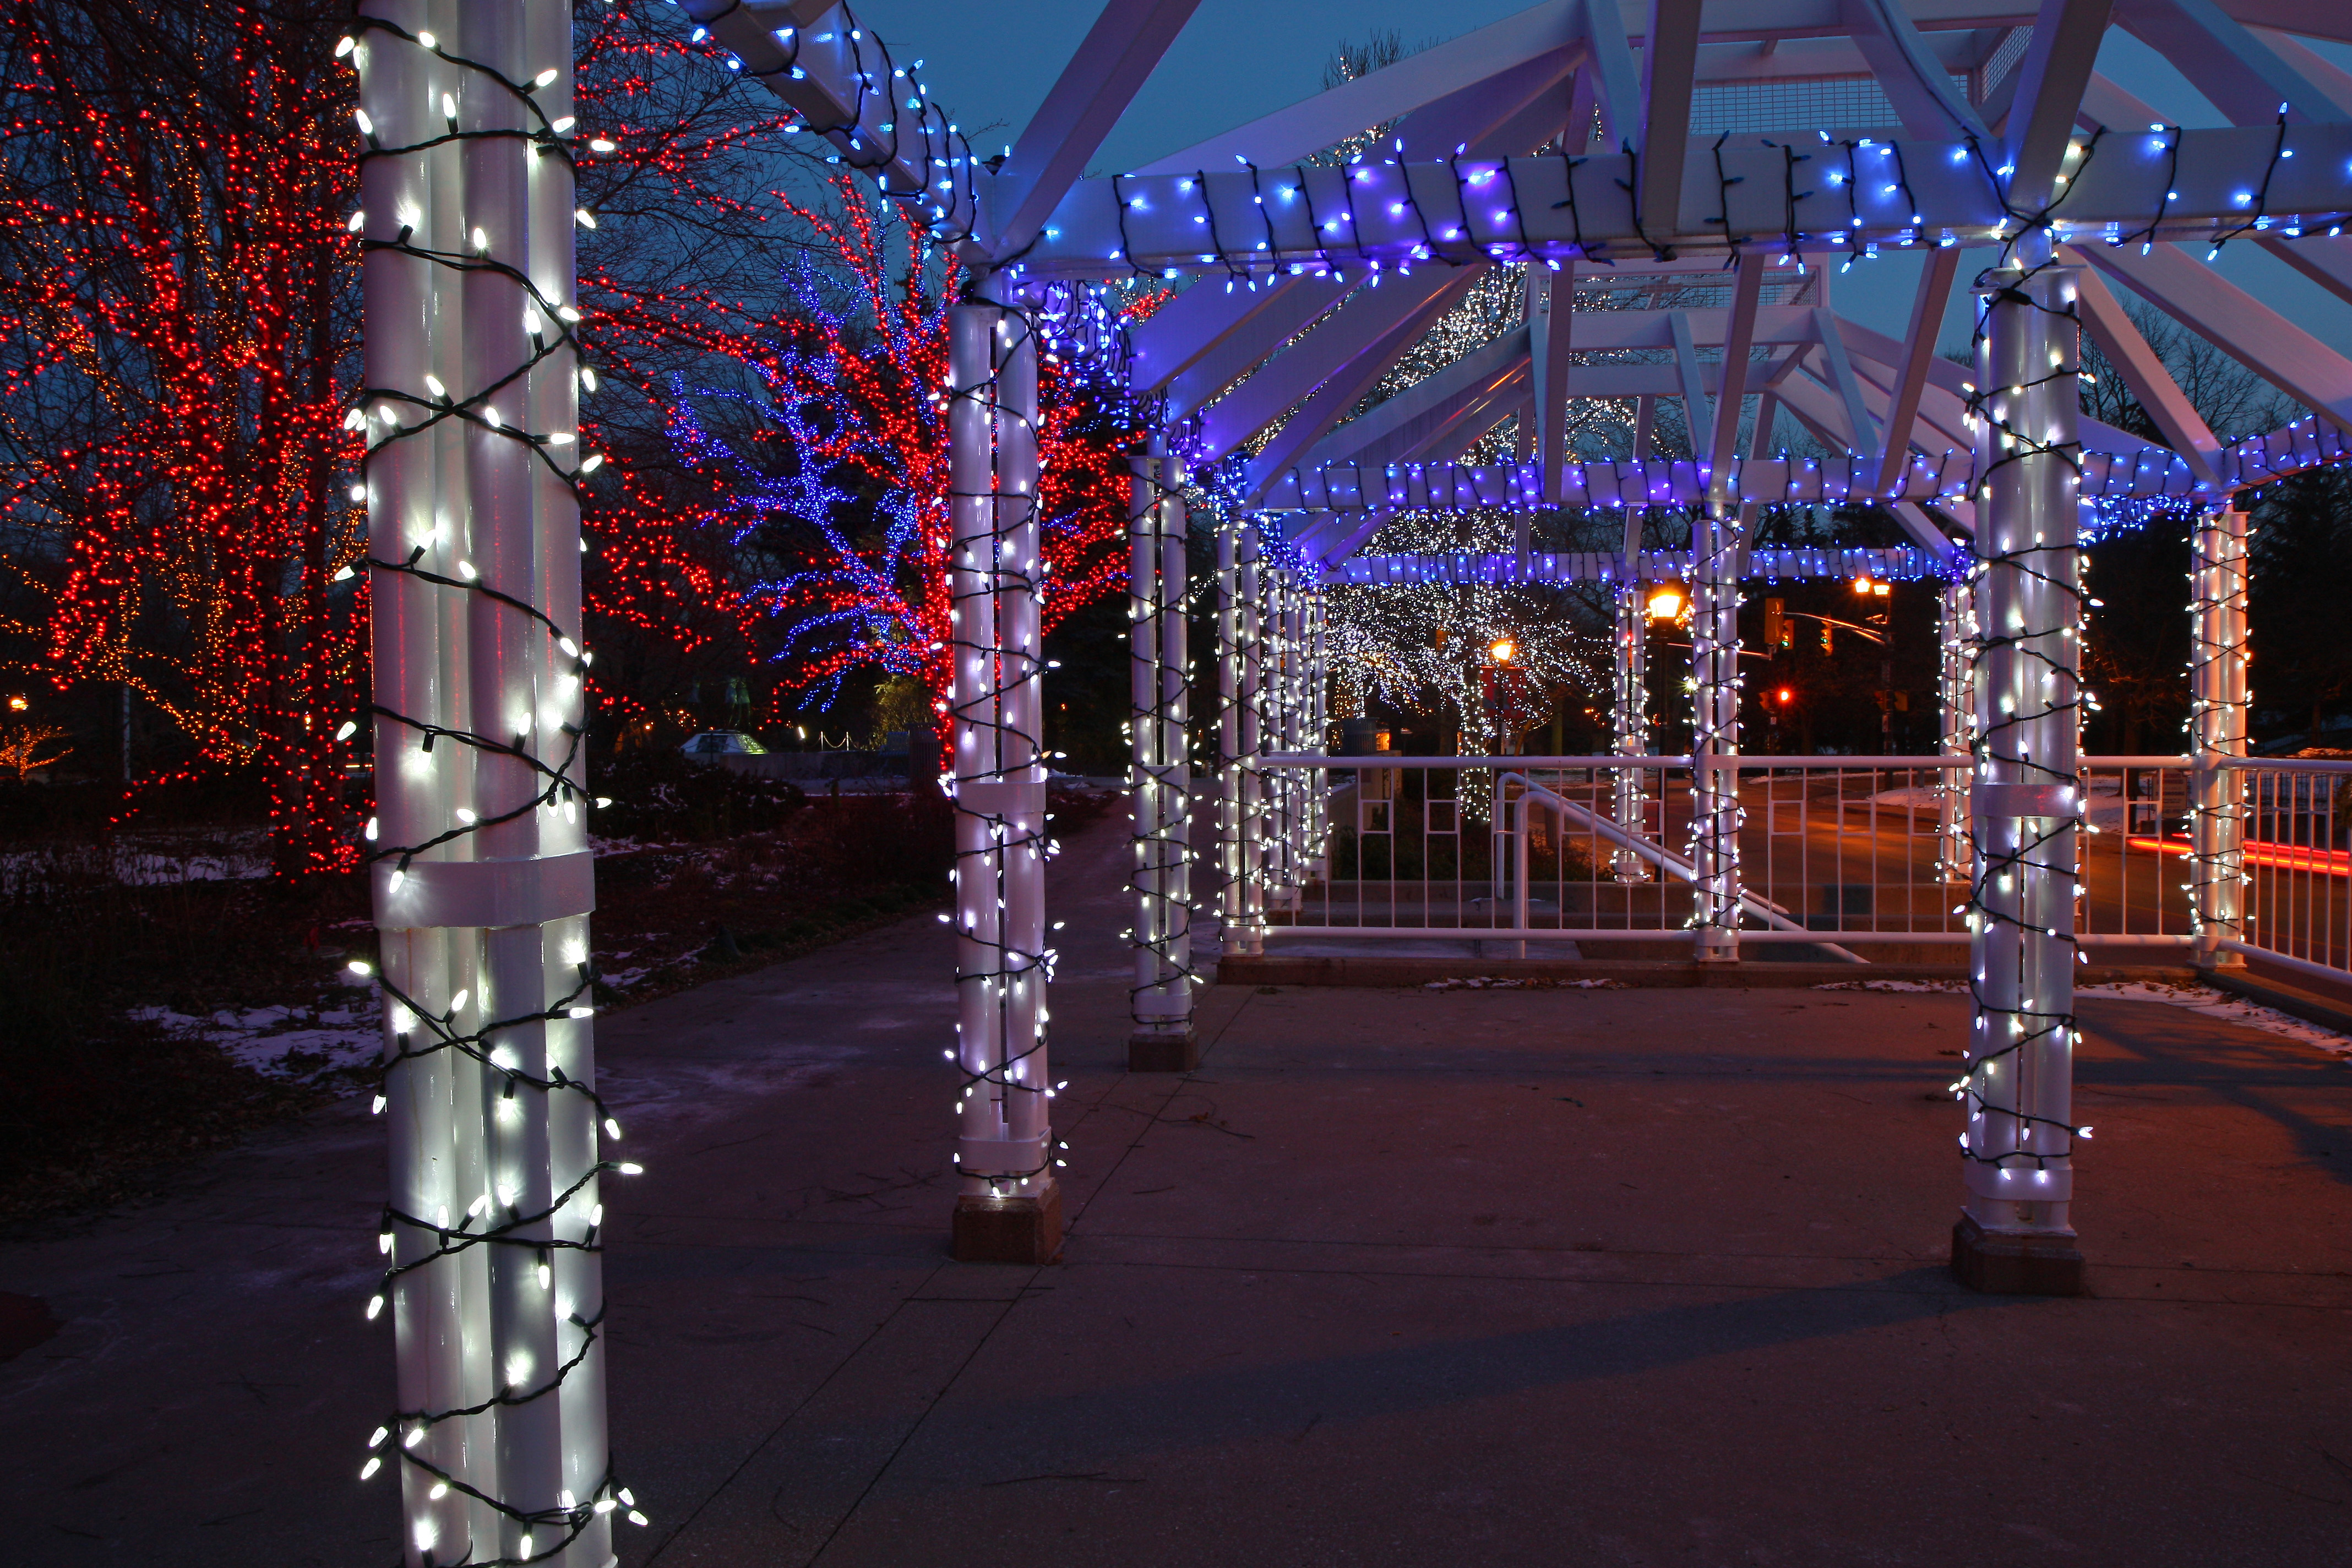 FileBr&ton City Hall Christmas lights (3053953501).jpg & File:Brampton City Hall Christmas lights (3053953501).jpg ...